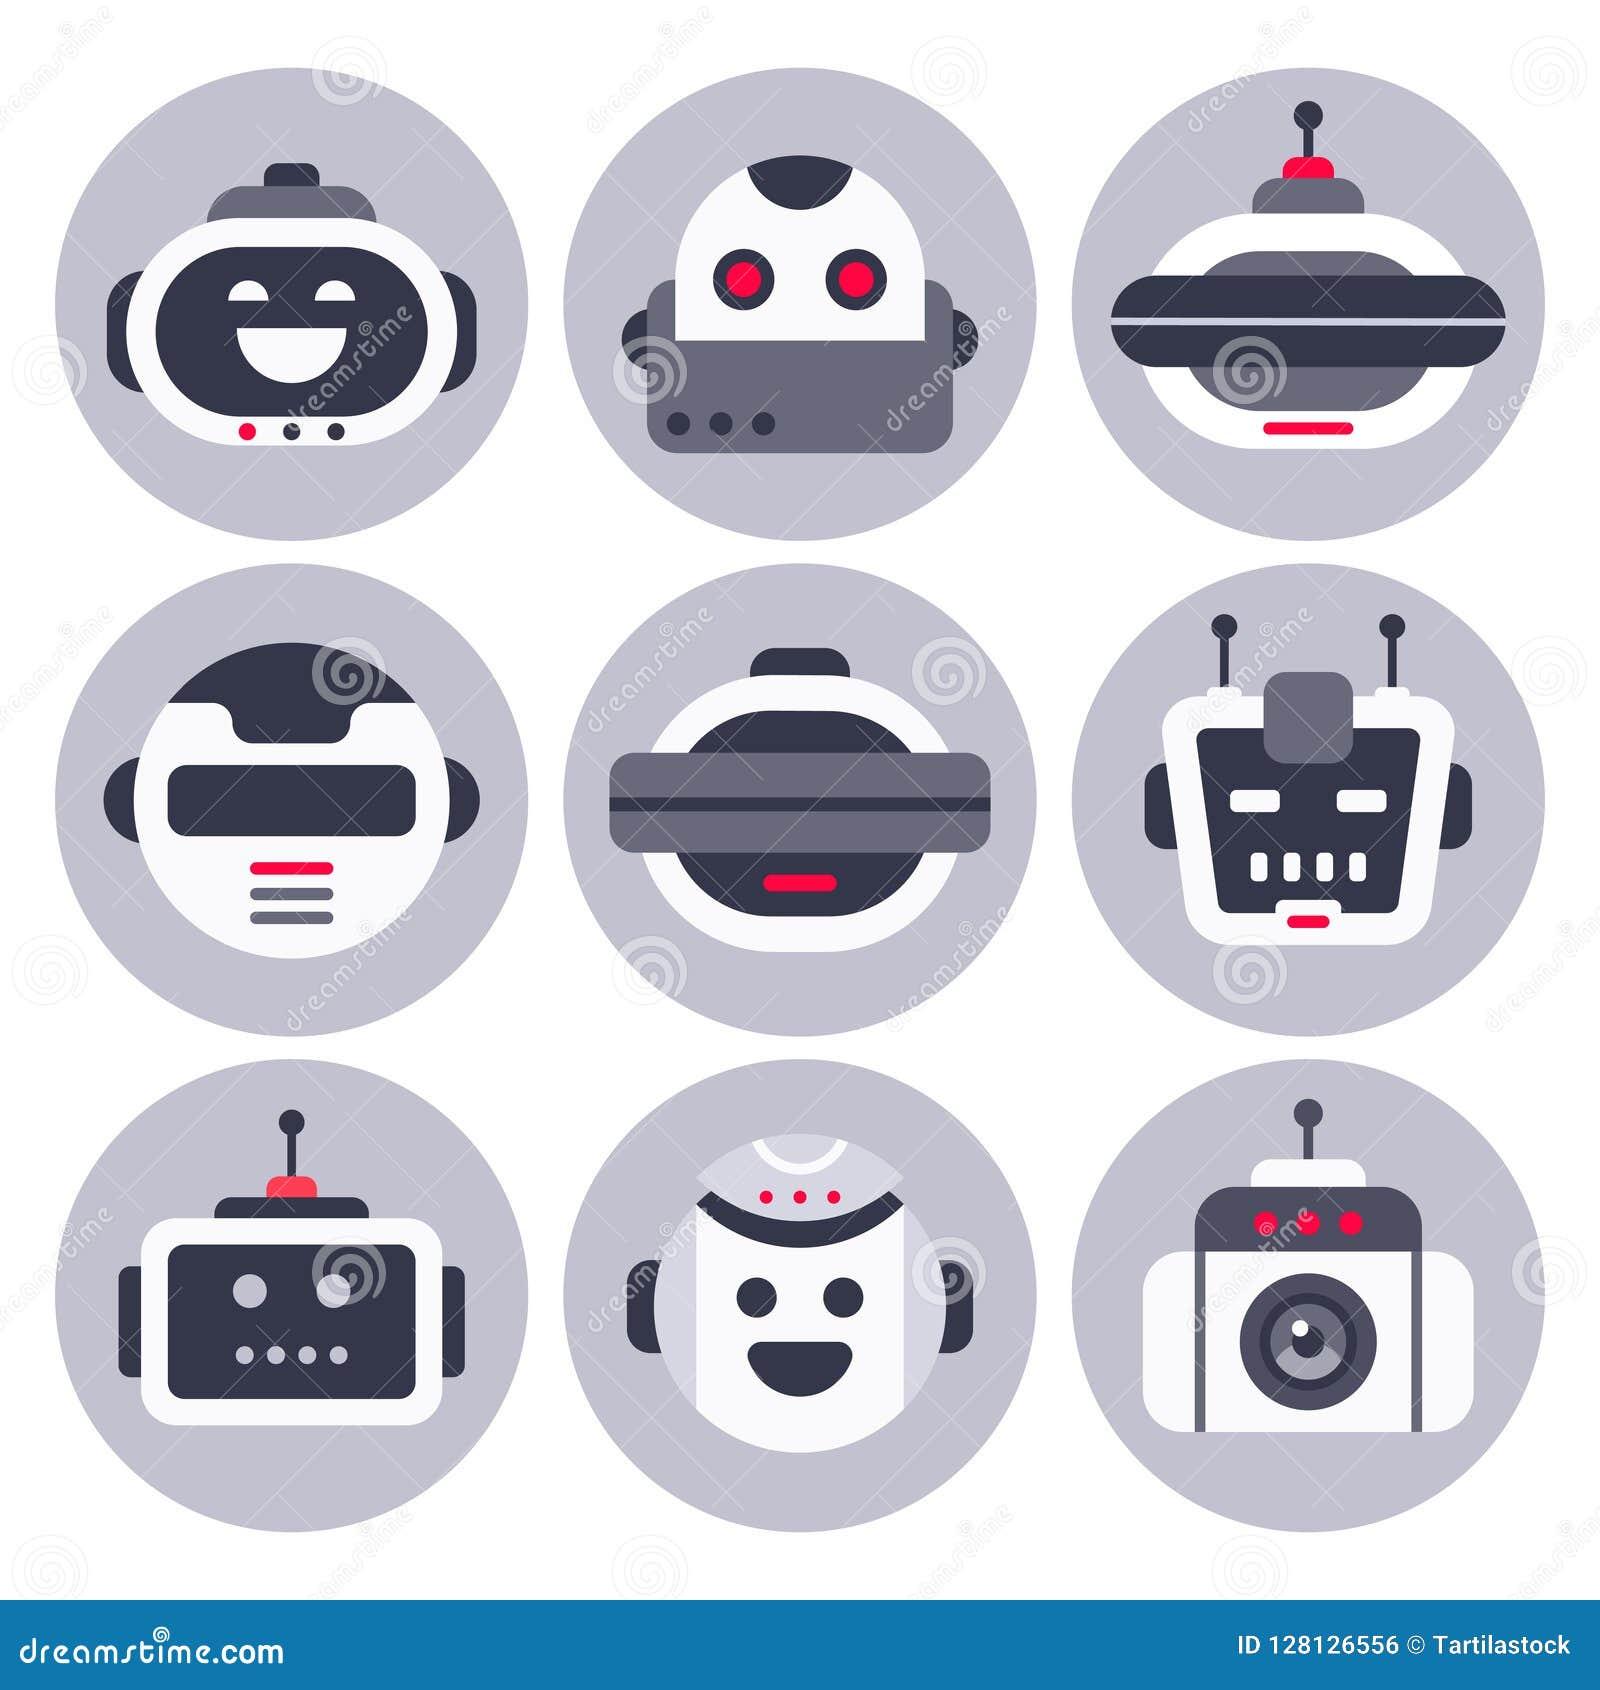 Ícone do robô Avatar robótico do chatbot, robôs do bot da ajuda do bate-papo do computador e bot de conversa digitais assistentes